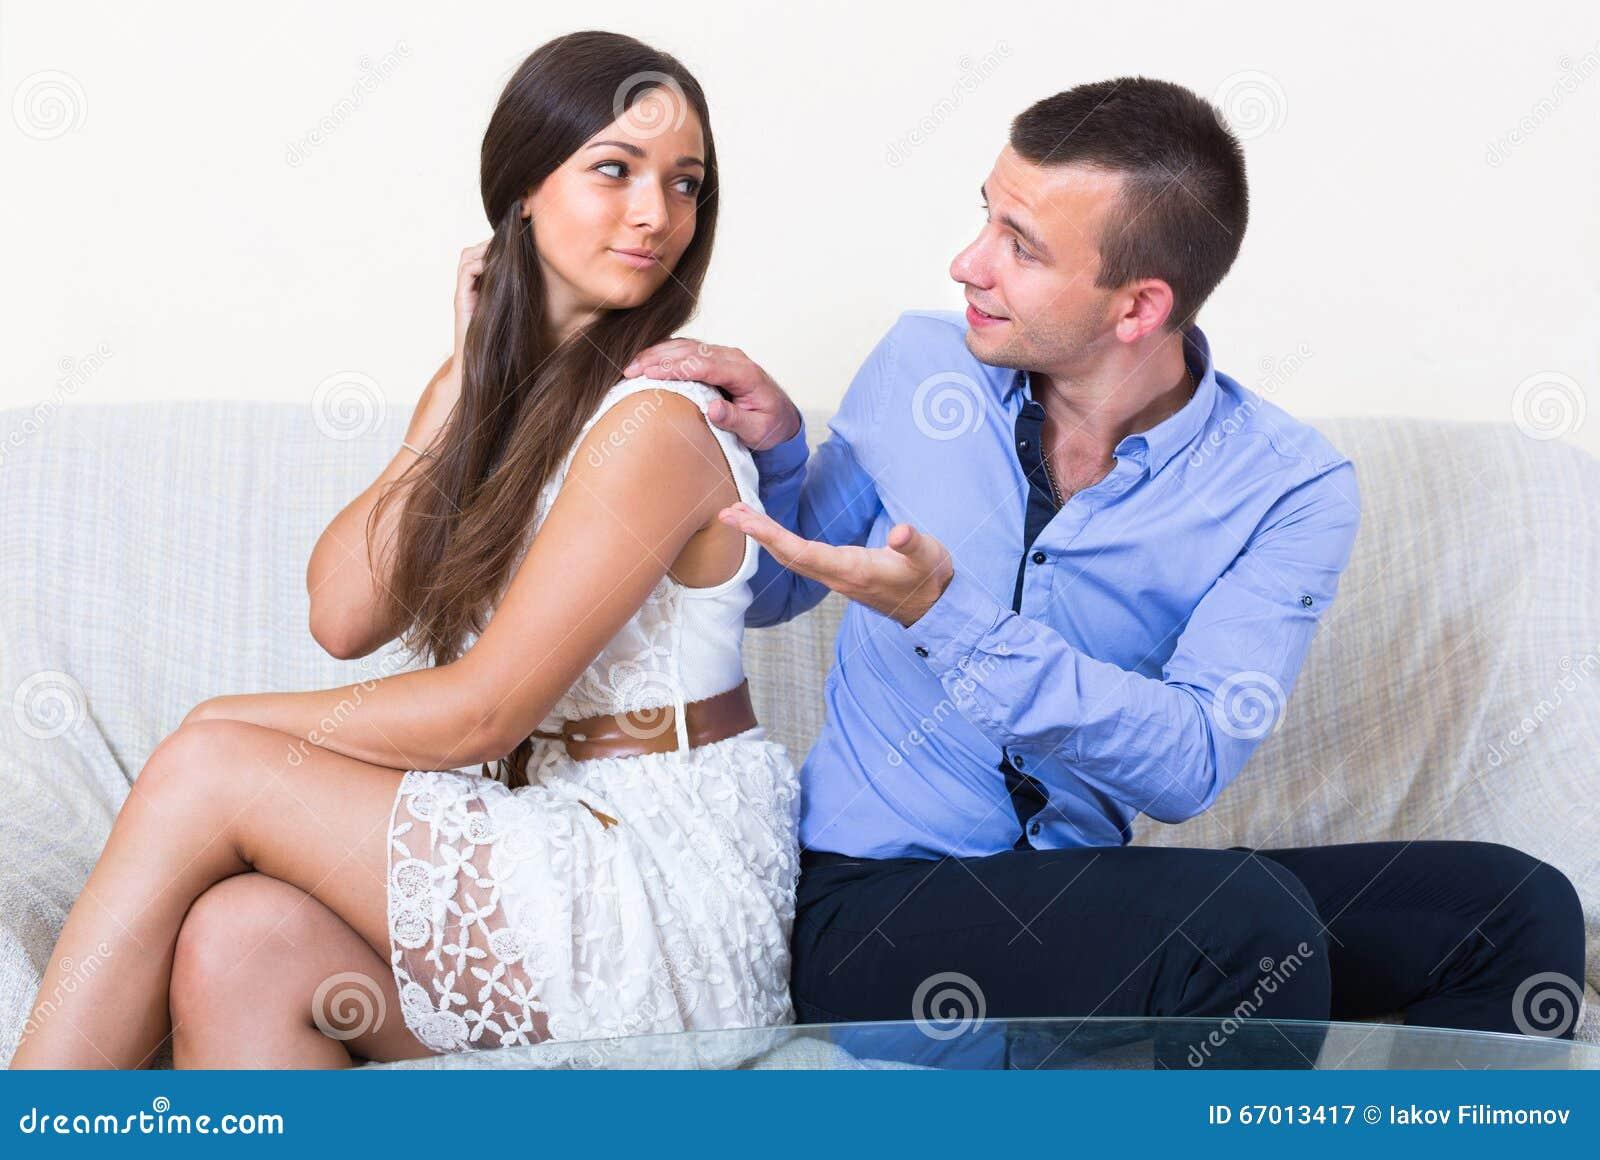 Vi erbjuder en trygg, bra, gratis tjänst för alla er som söker efter en seriös relation eller riktig kärlek.